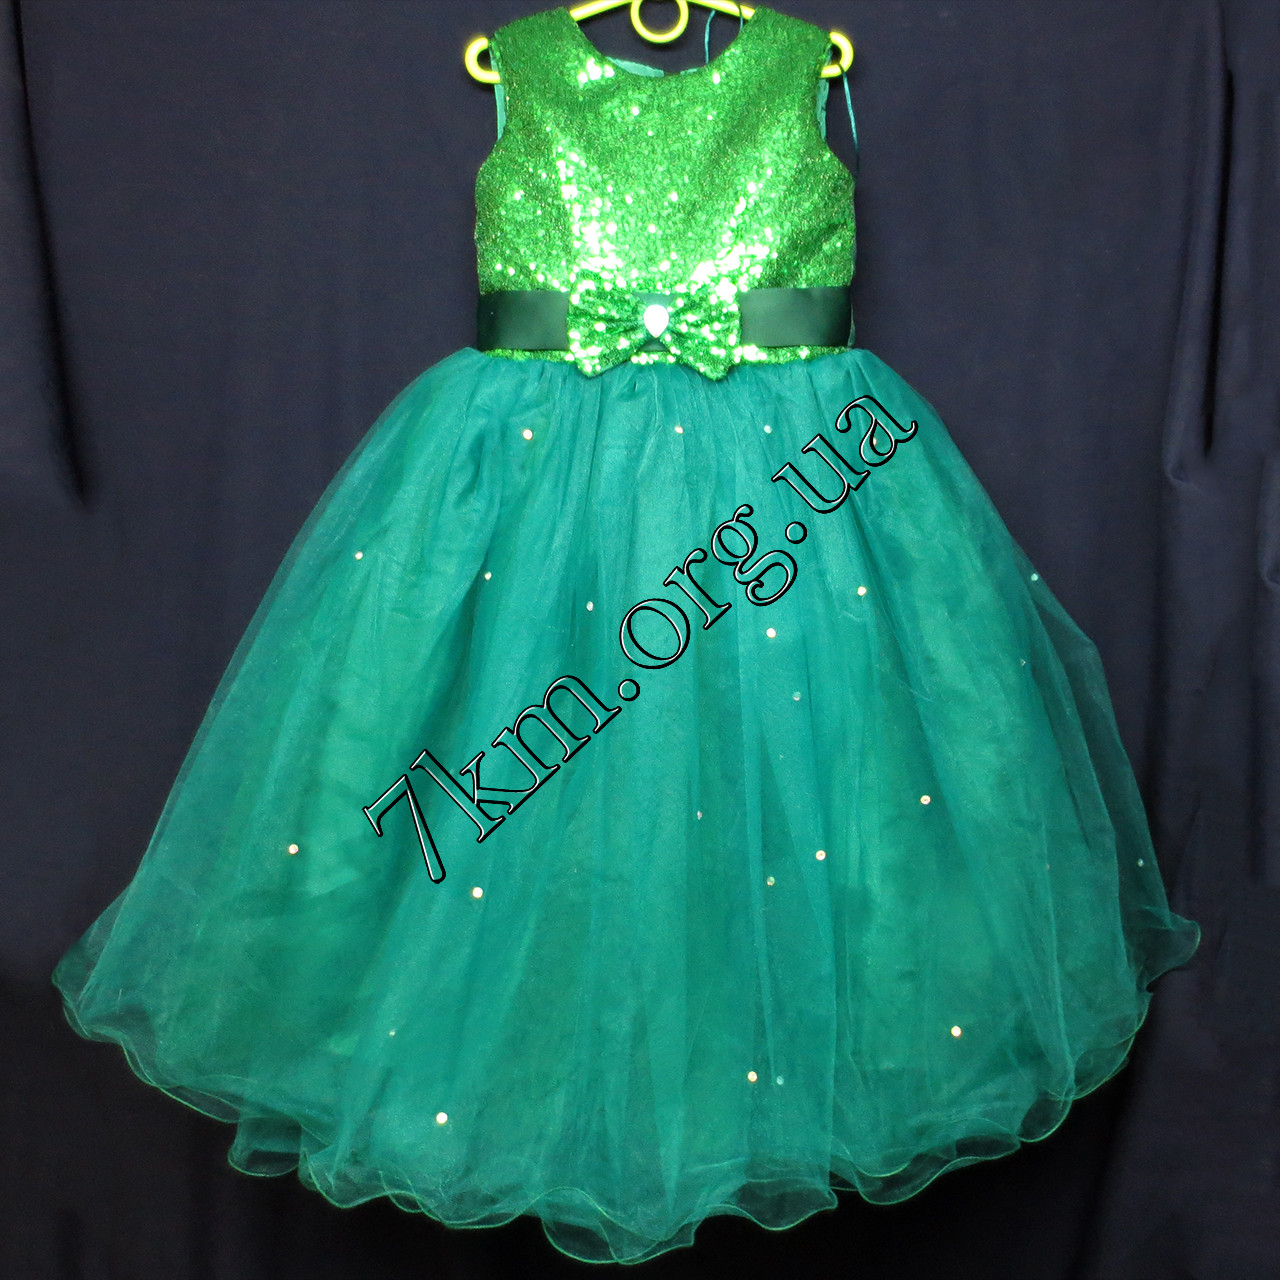 dd71aff748a Платье детское нарядное для девочек 6-7 лет